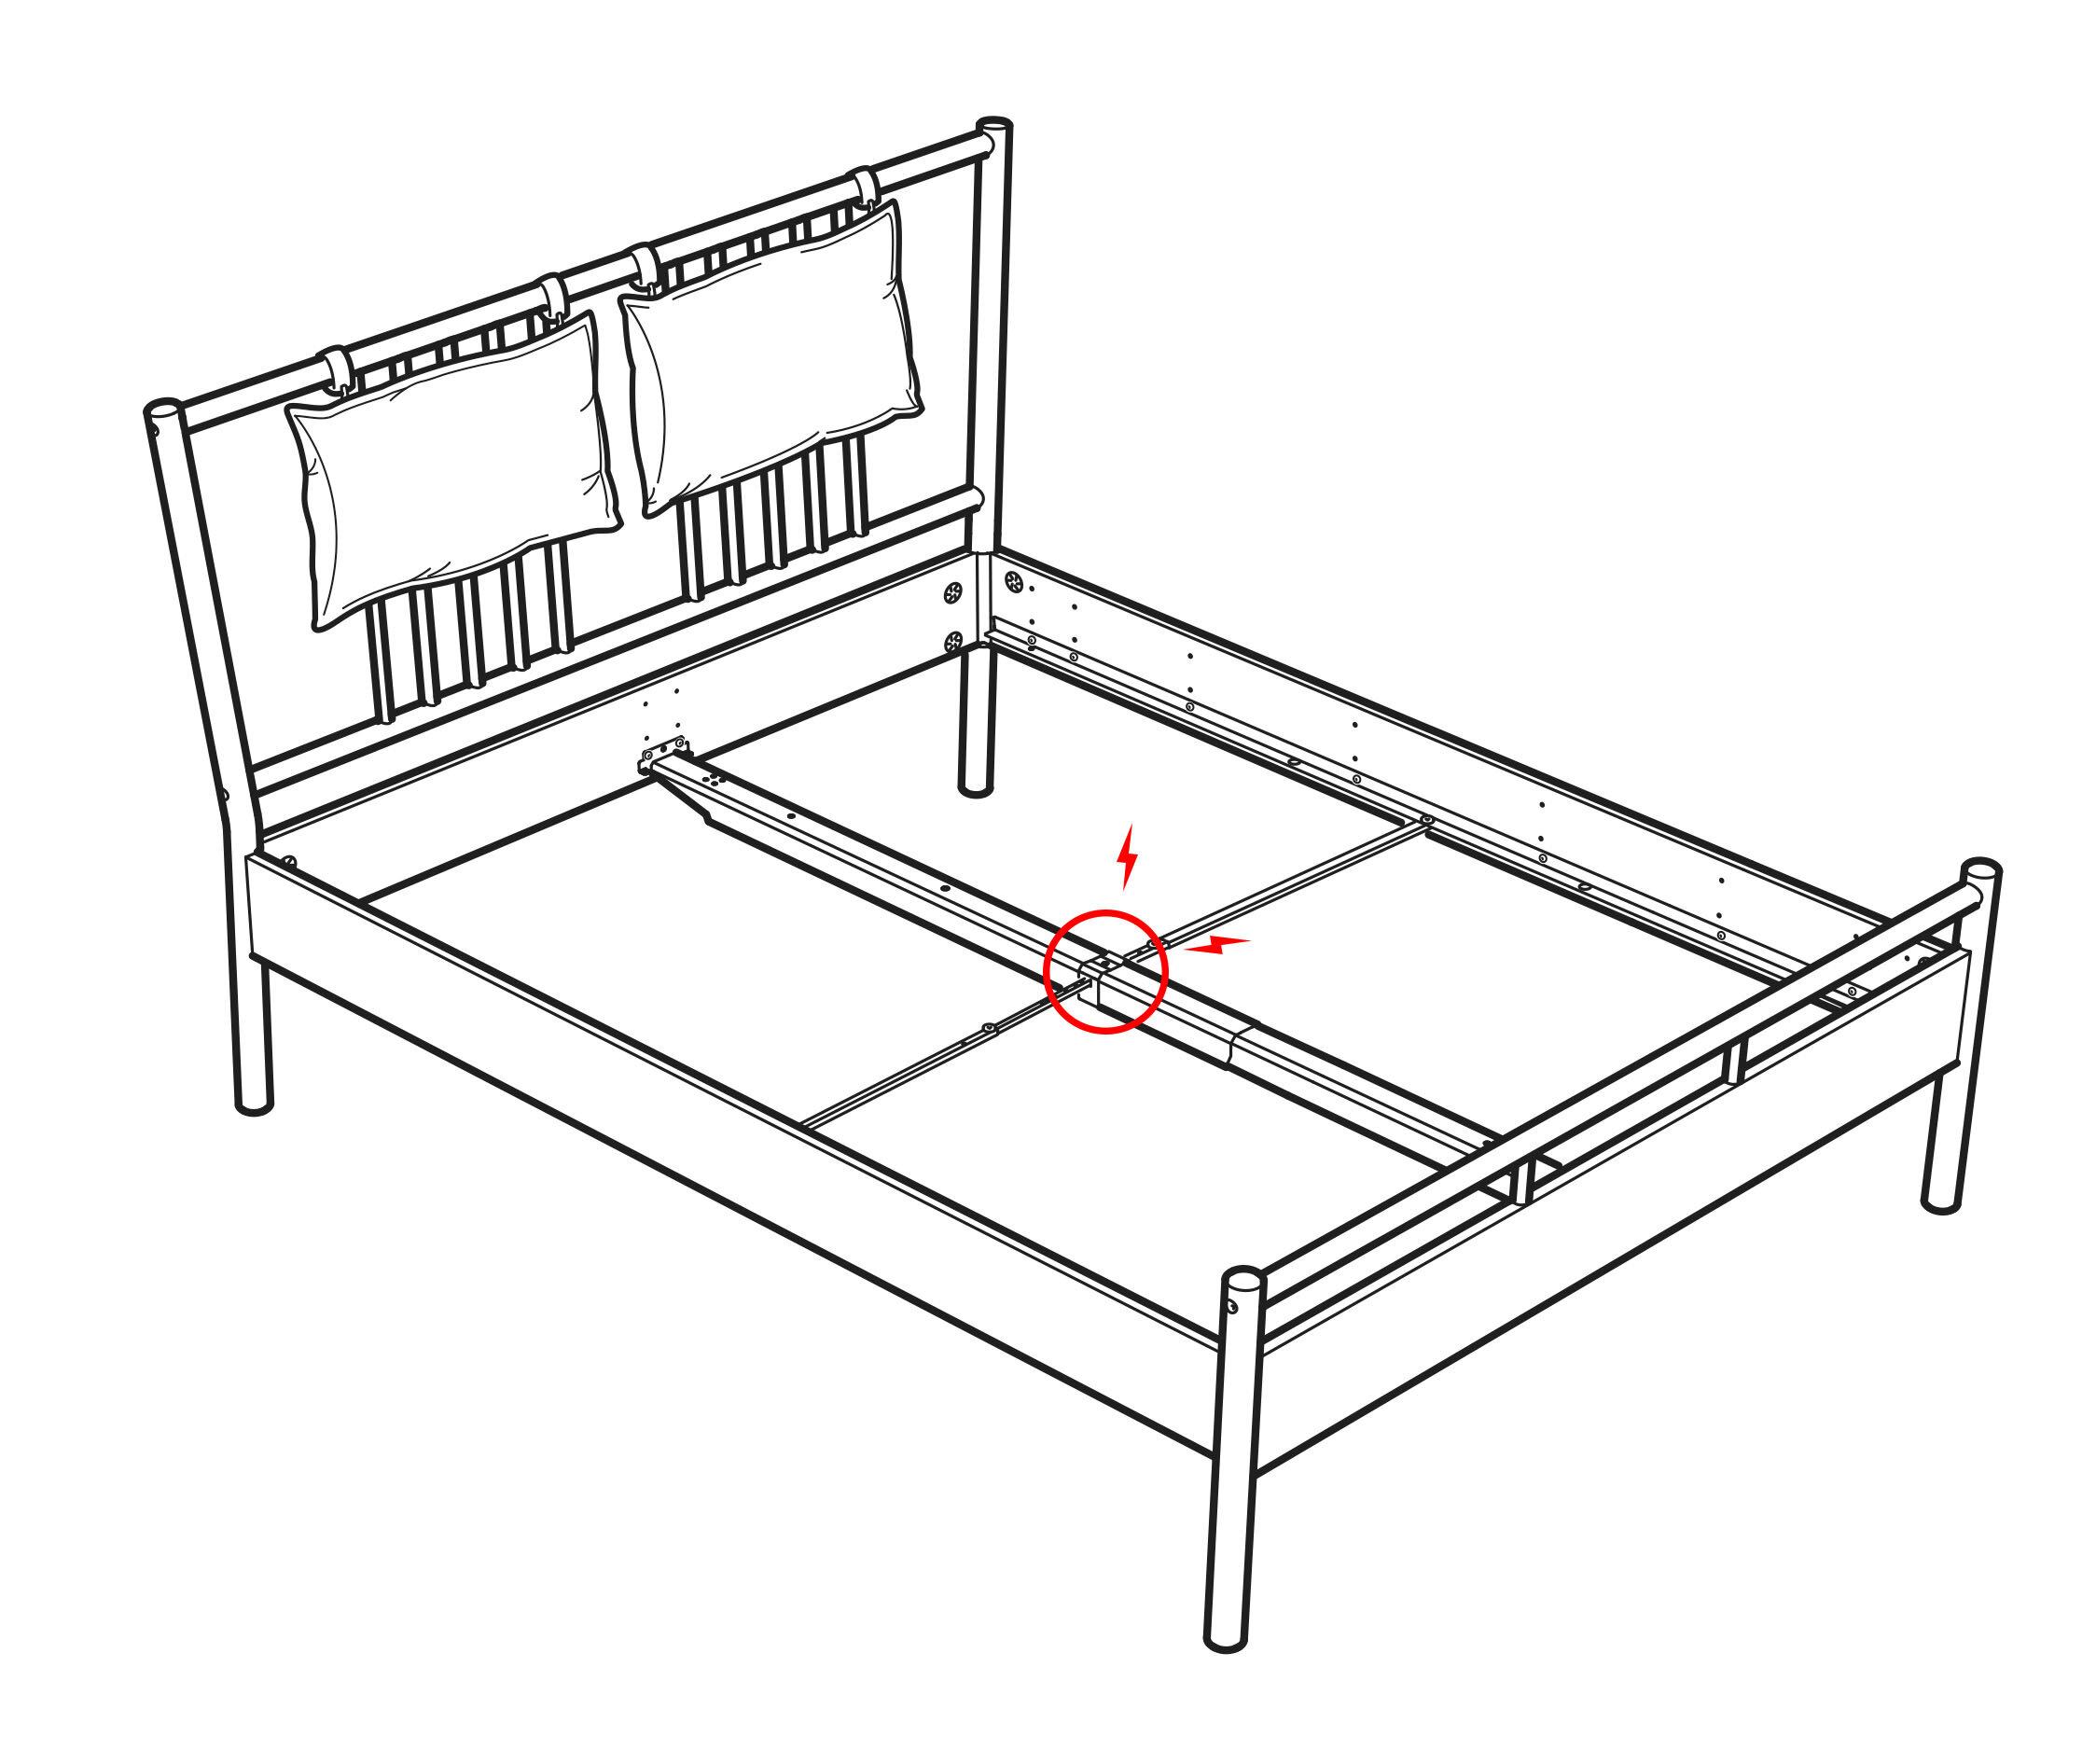 Ikea Björksnes Bed Jhåland, Ikea Black Metal Bed Frame King